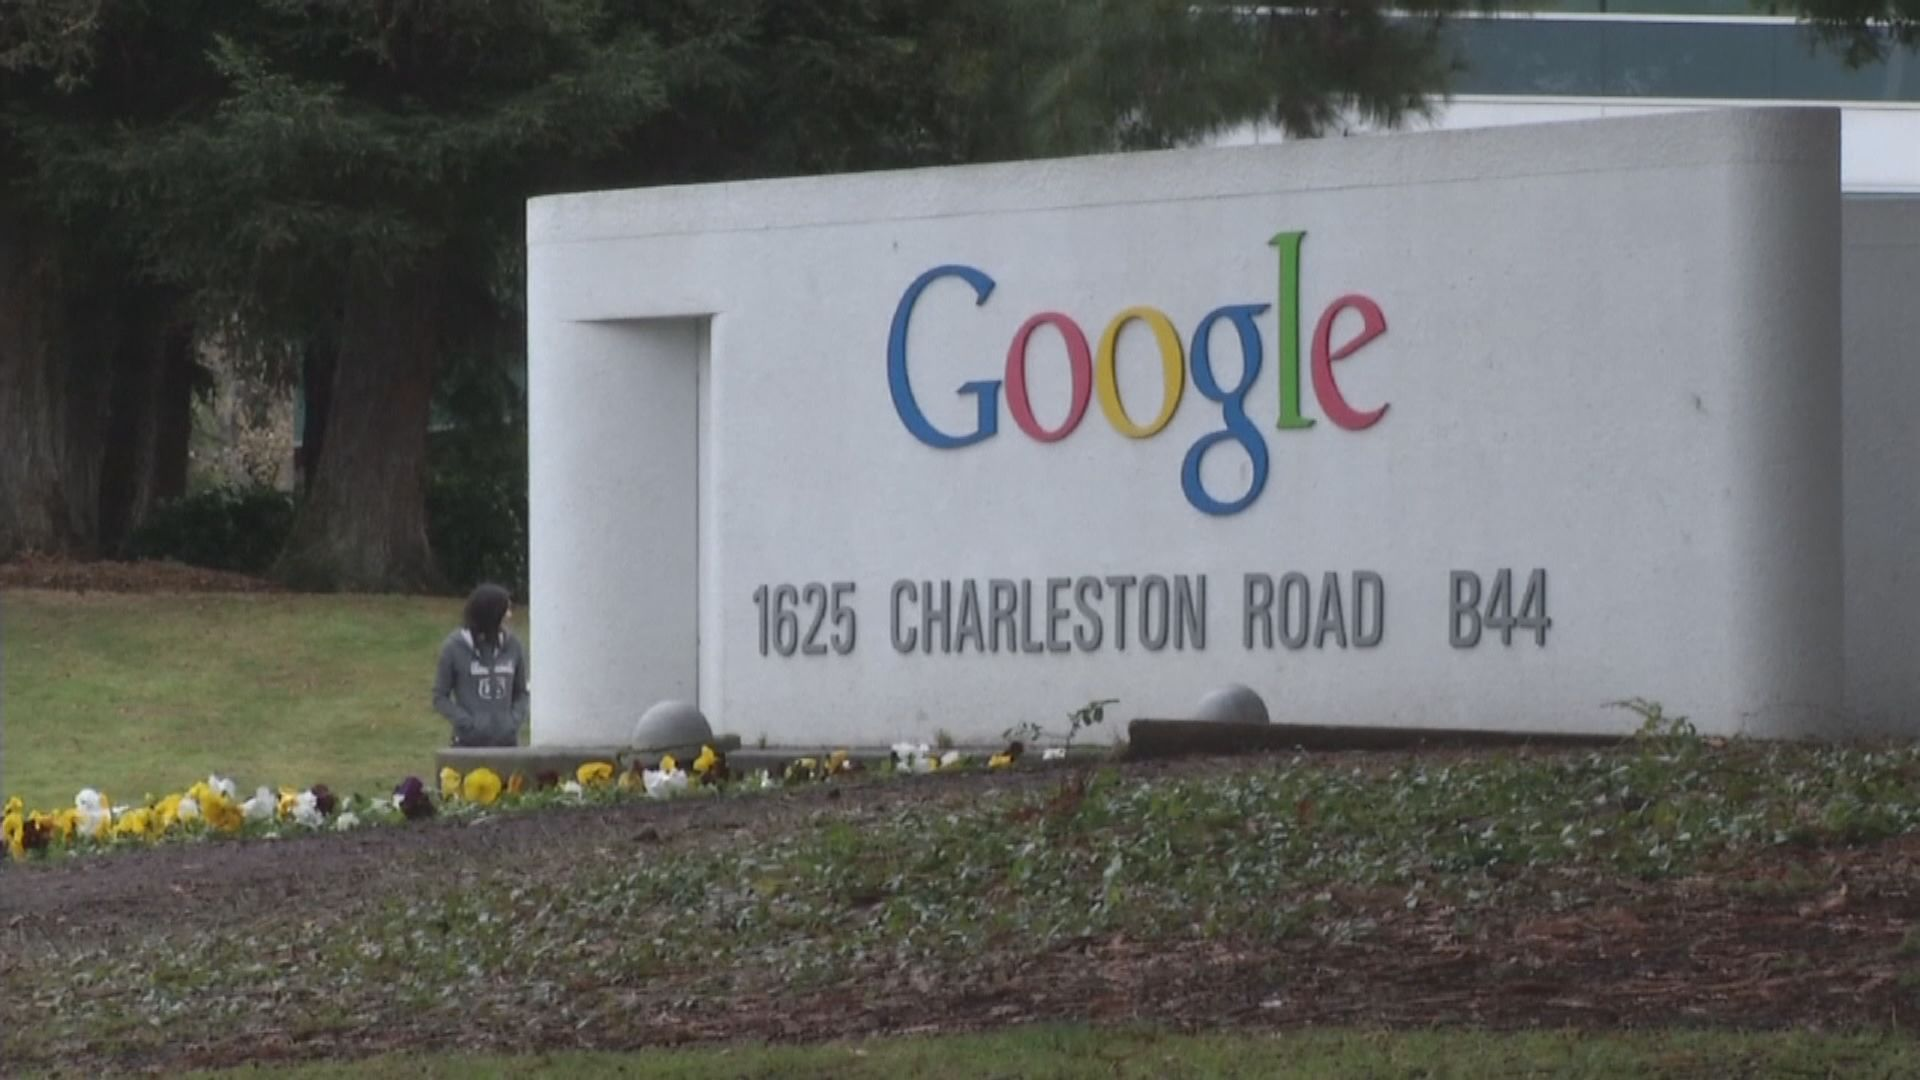 彭博:Google未有意在中國提供雲服務